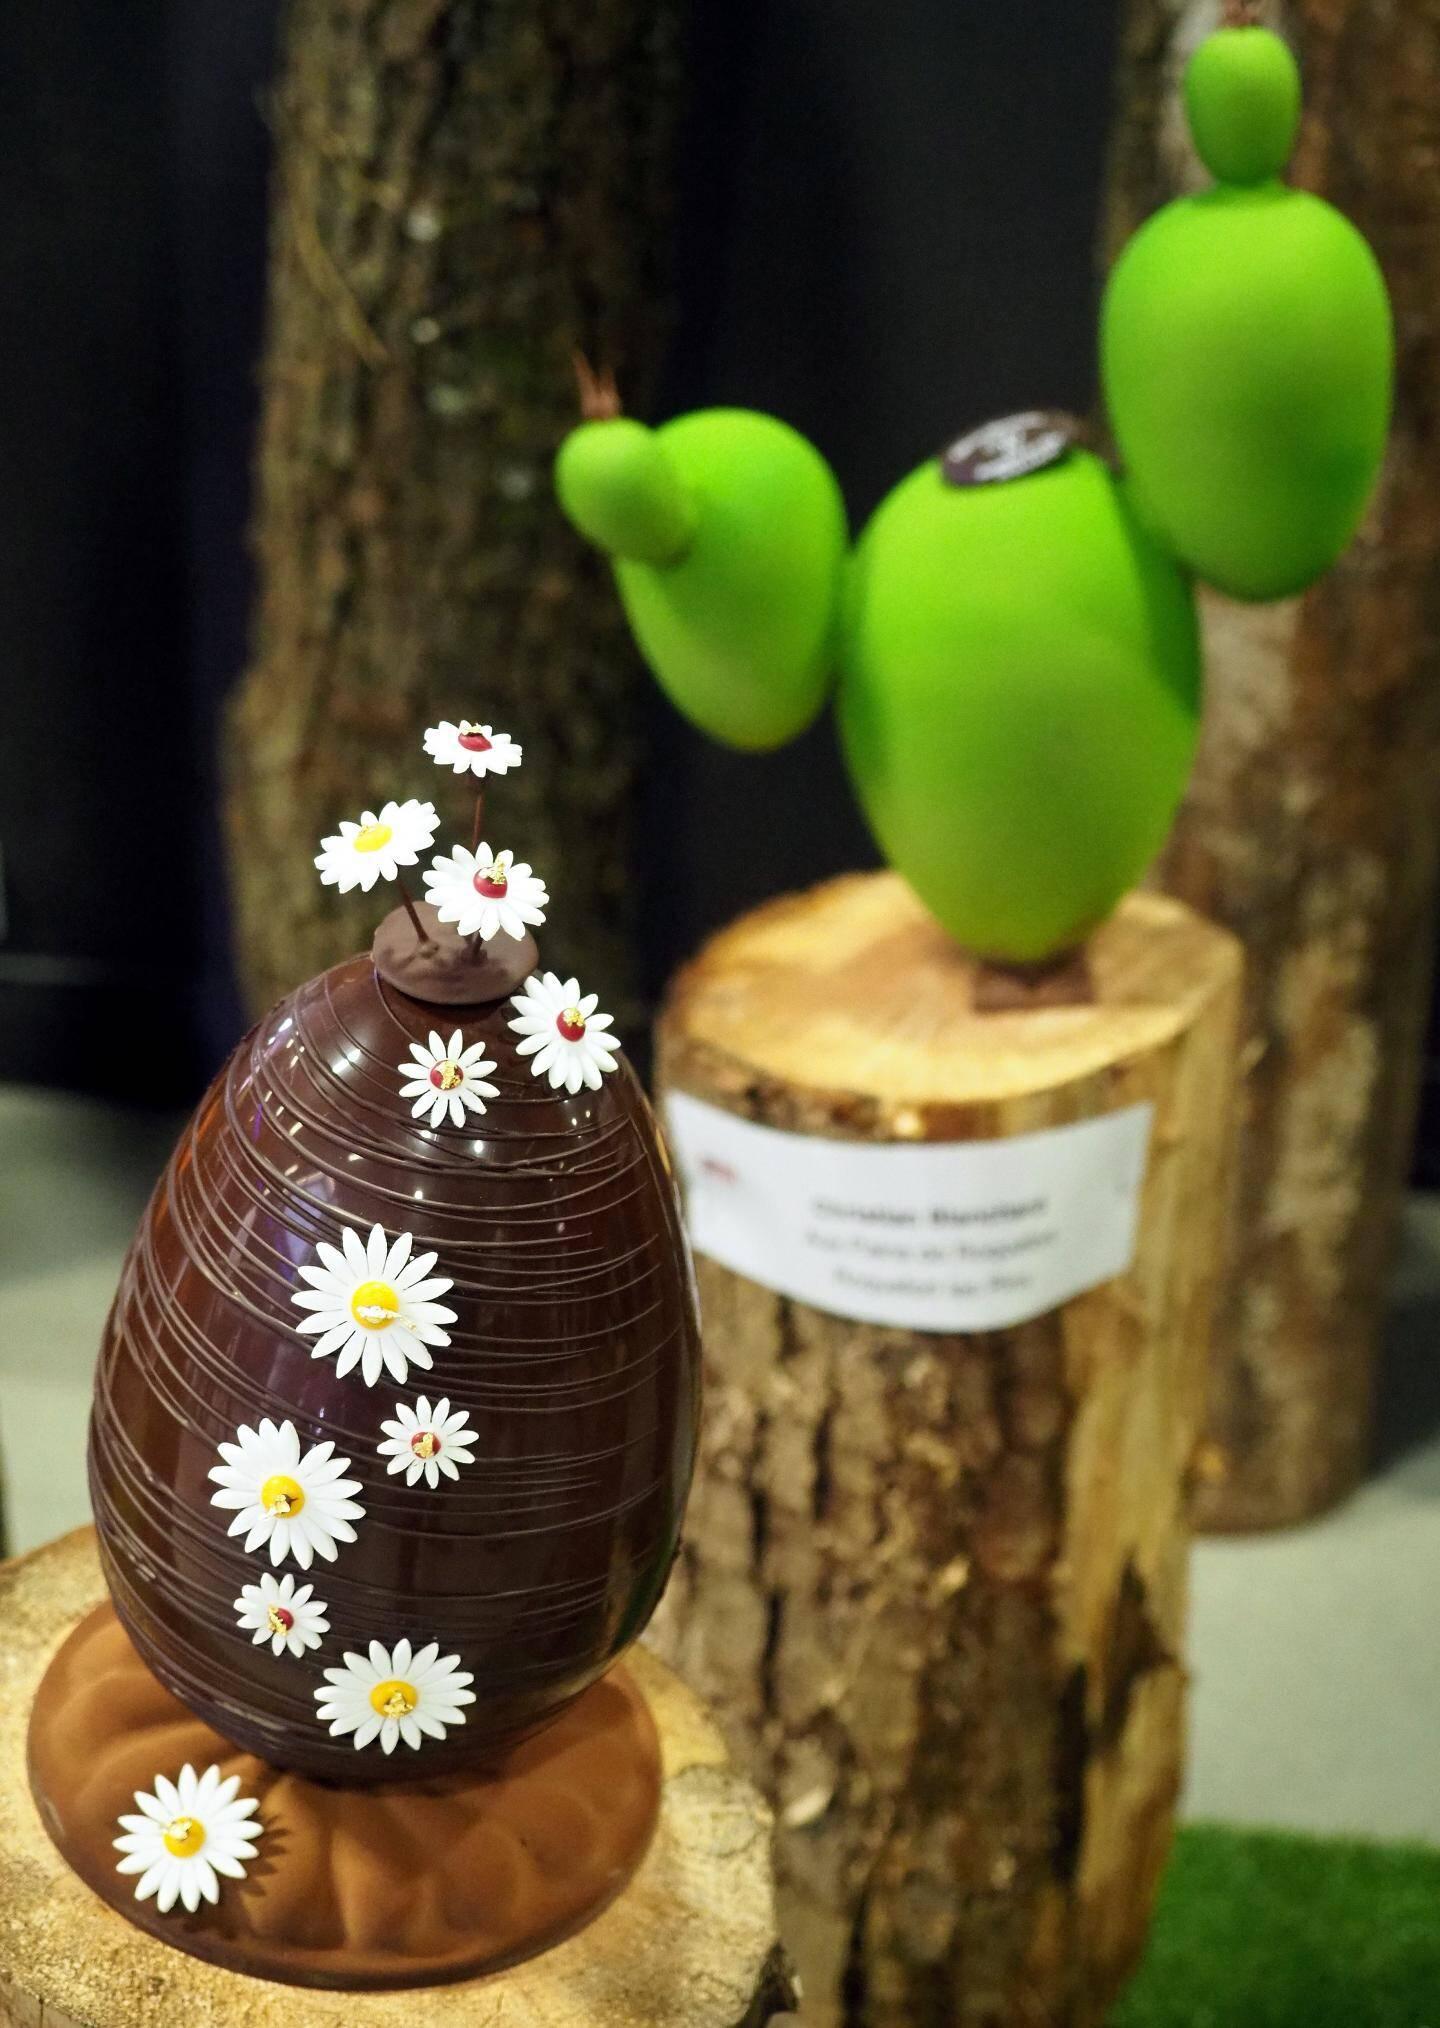 Trente-deux chefs pâtissier et chocolatiers exposent leur travail à Villeneuve et Cagnes jusqu'au 20 avril. Le thème de Villen'oeuf expo et Art'oeufs ? Le poisson d'avril.